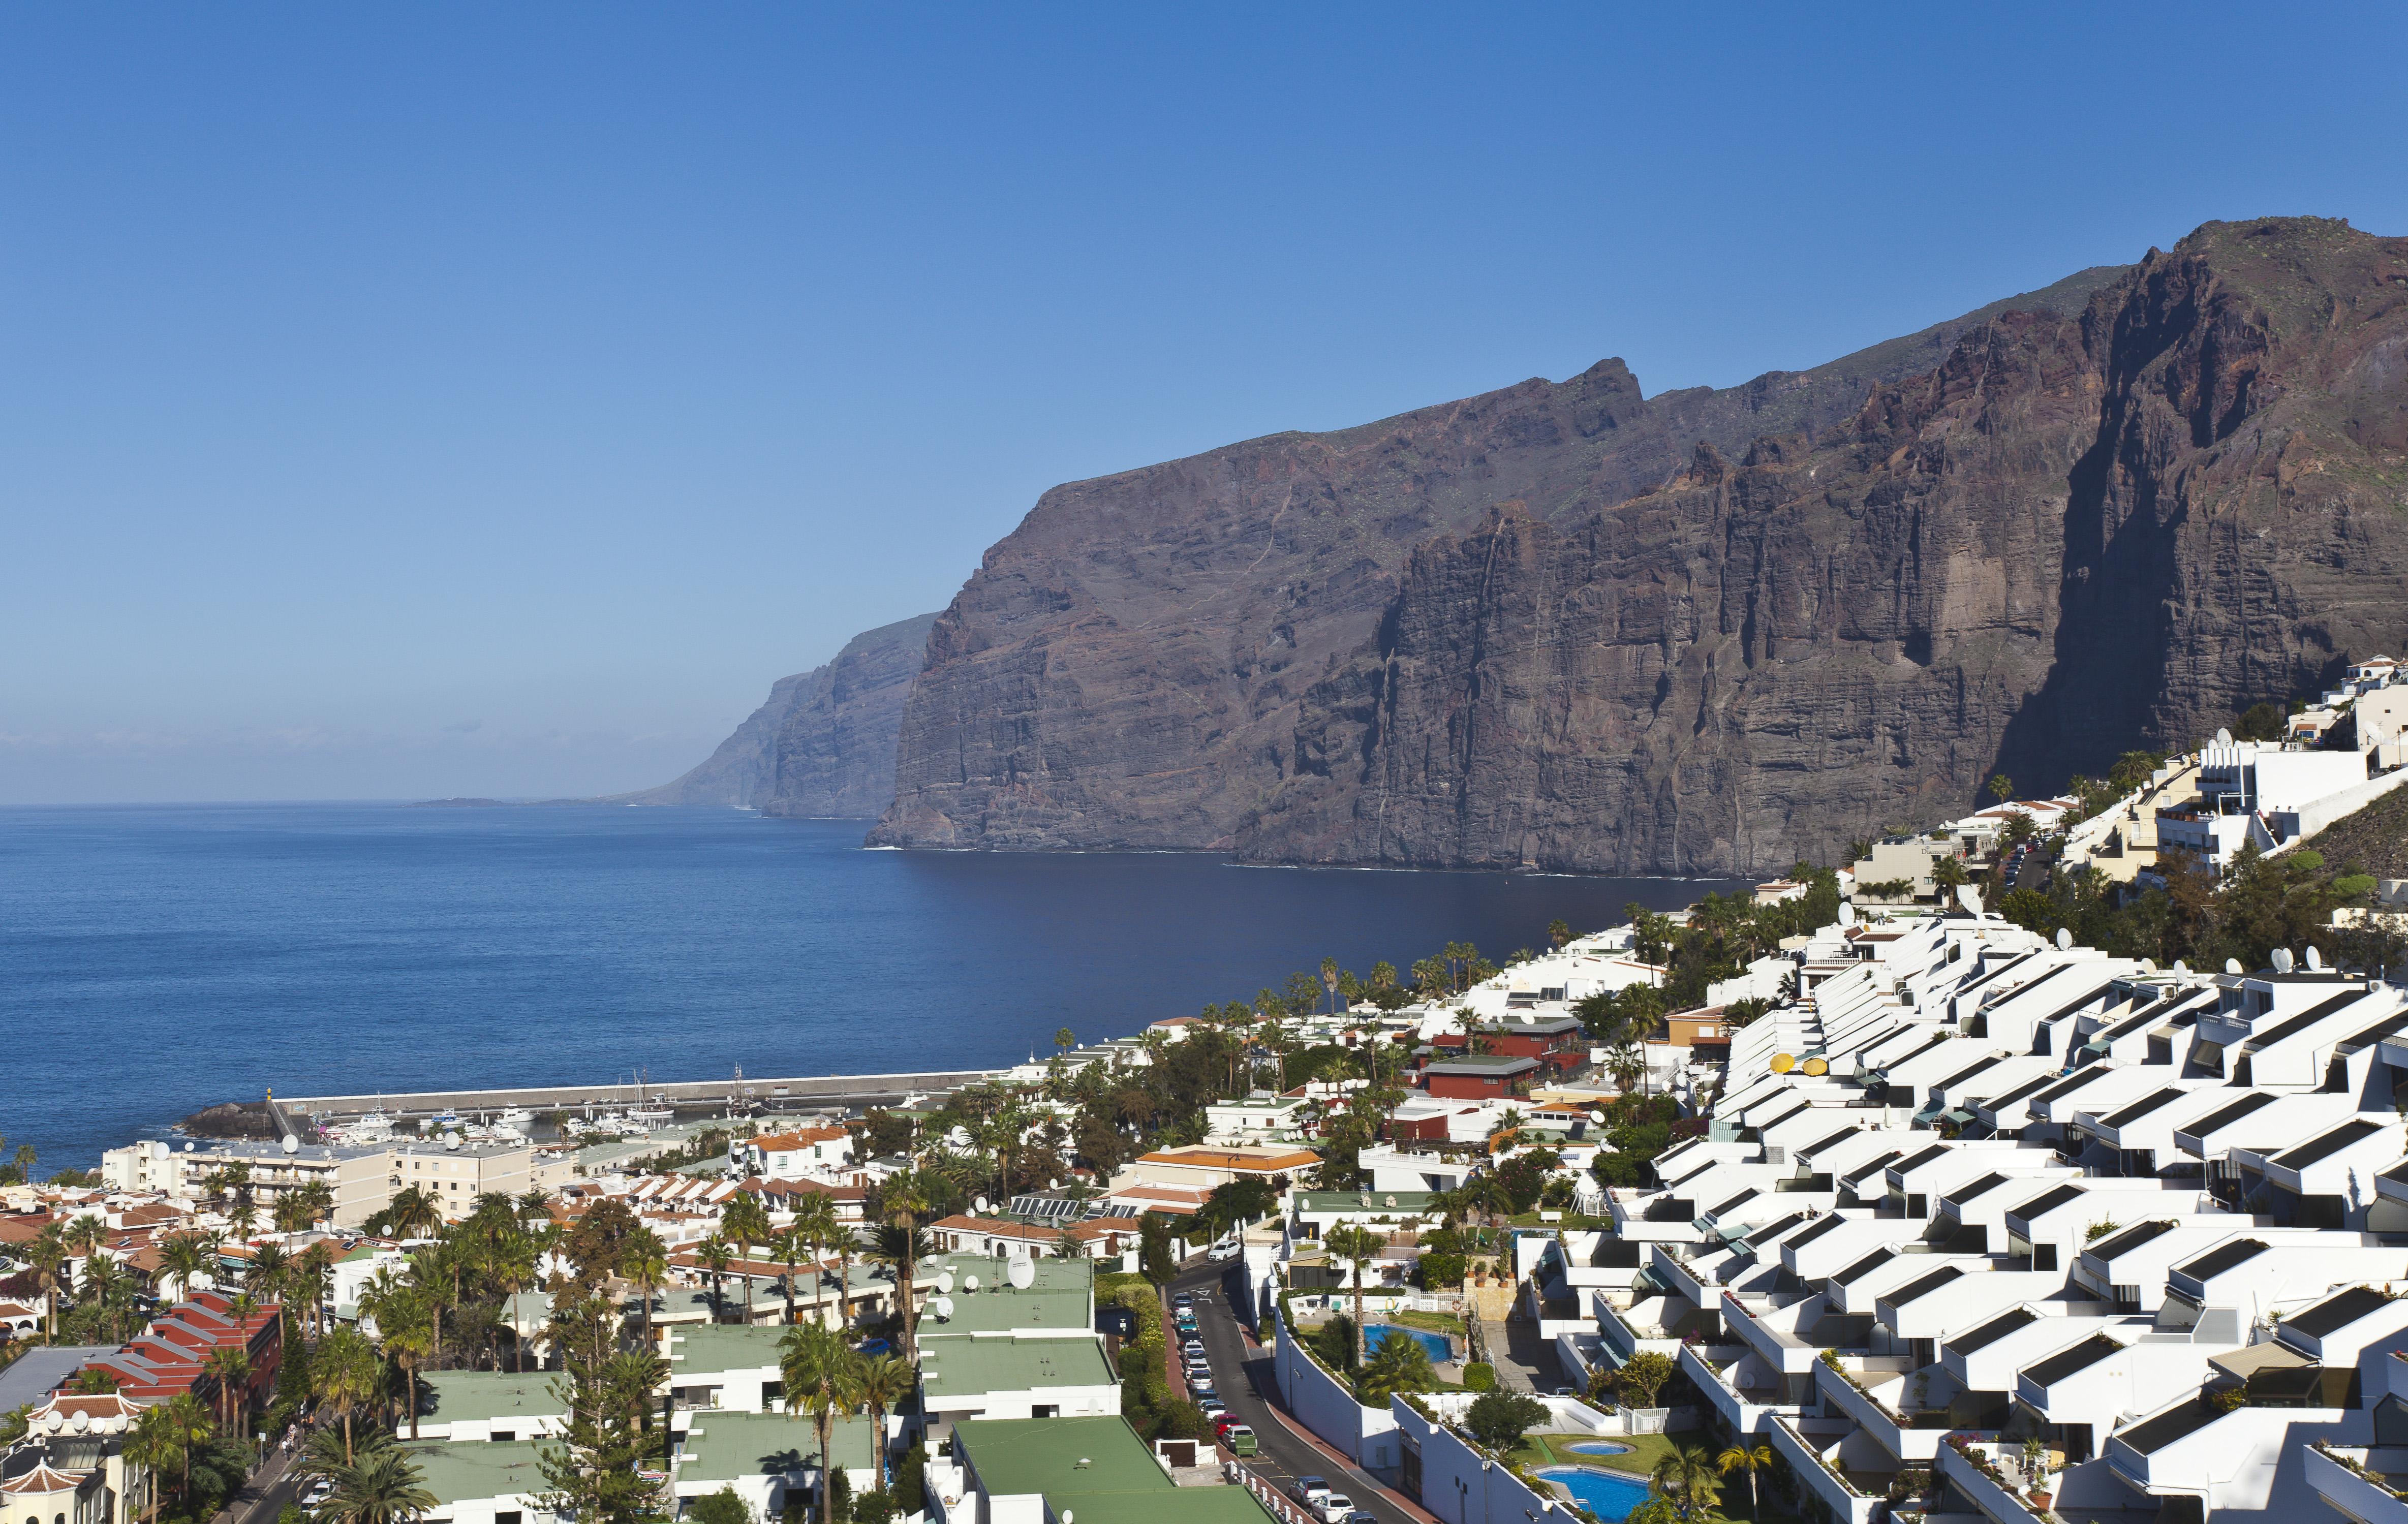 Tenerife: Los Gigantes